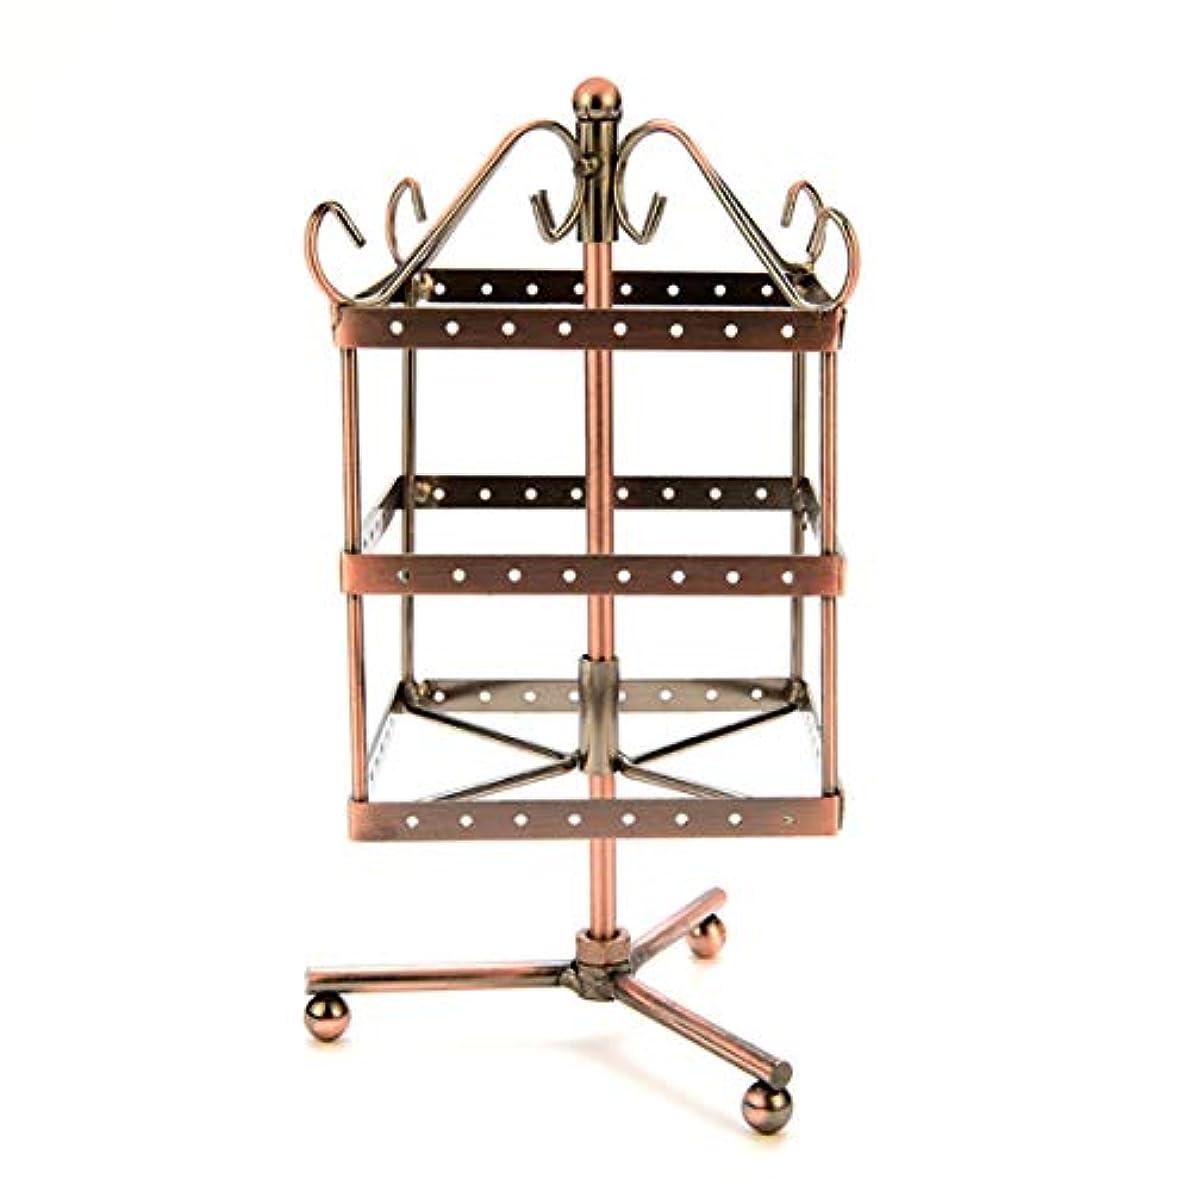 無効にするパッド弓Intercorey Jewelry Frame 96穴回転イヤリングホルダーアイアンジュエリーディスプレイスタンド三層イヤリングホルダーペンダント